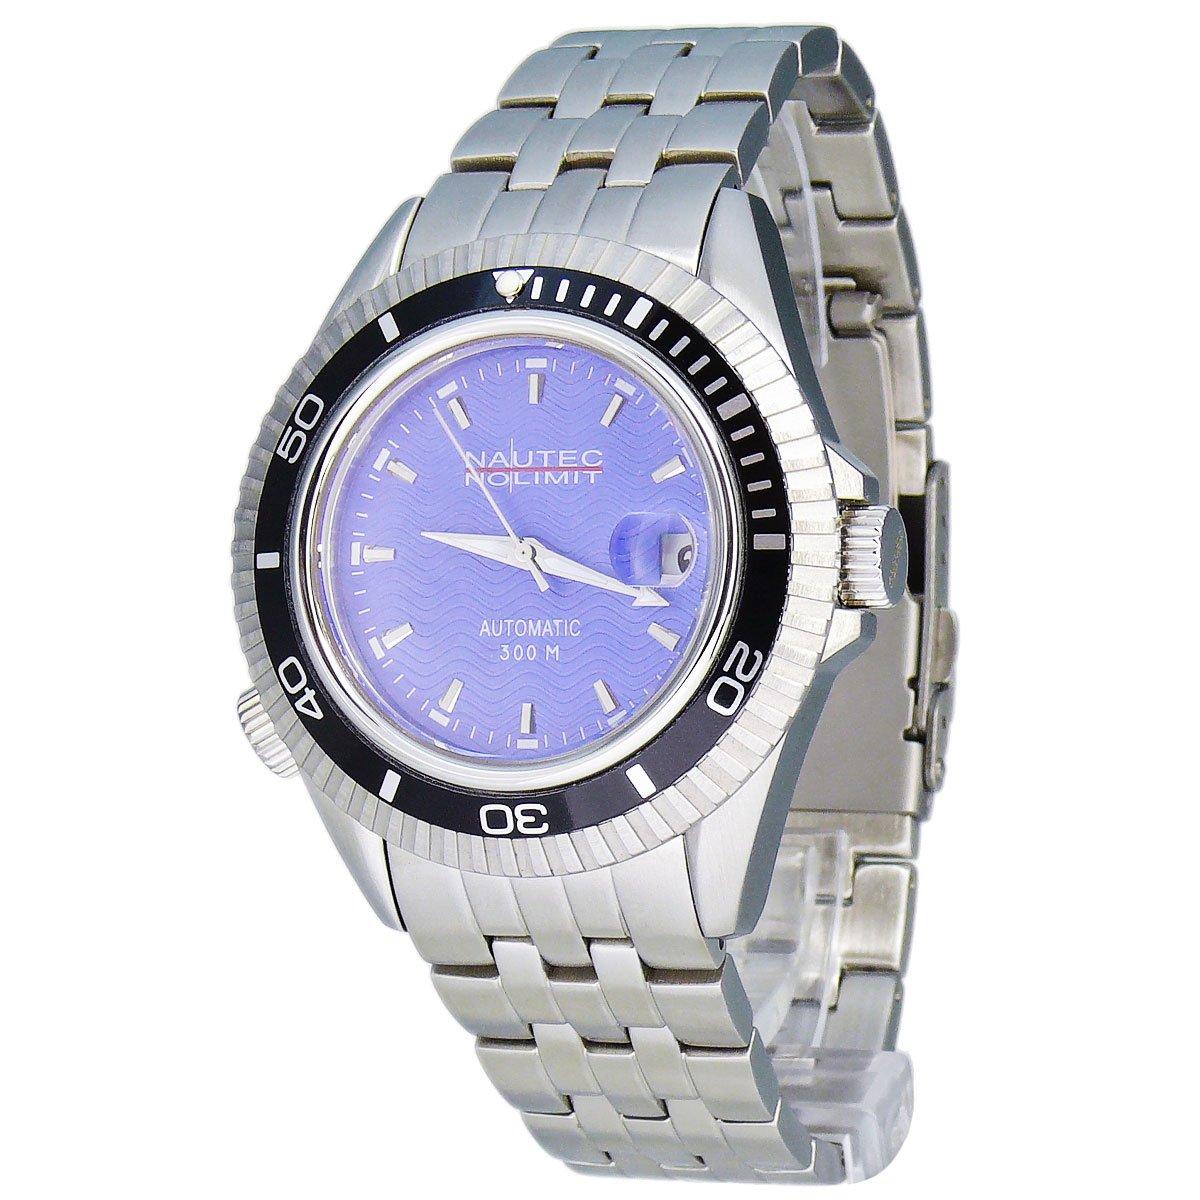 Nautec No Limit Shore SH1 AT/STSTBKBL - Reloj analógico automático para Hombre, Correa de Acero Inoxidable Color Plateado